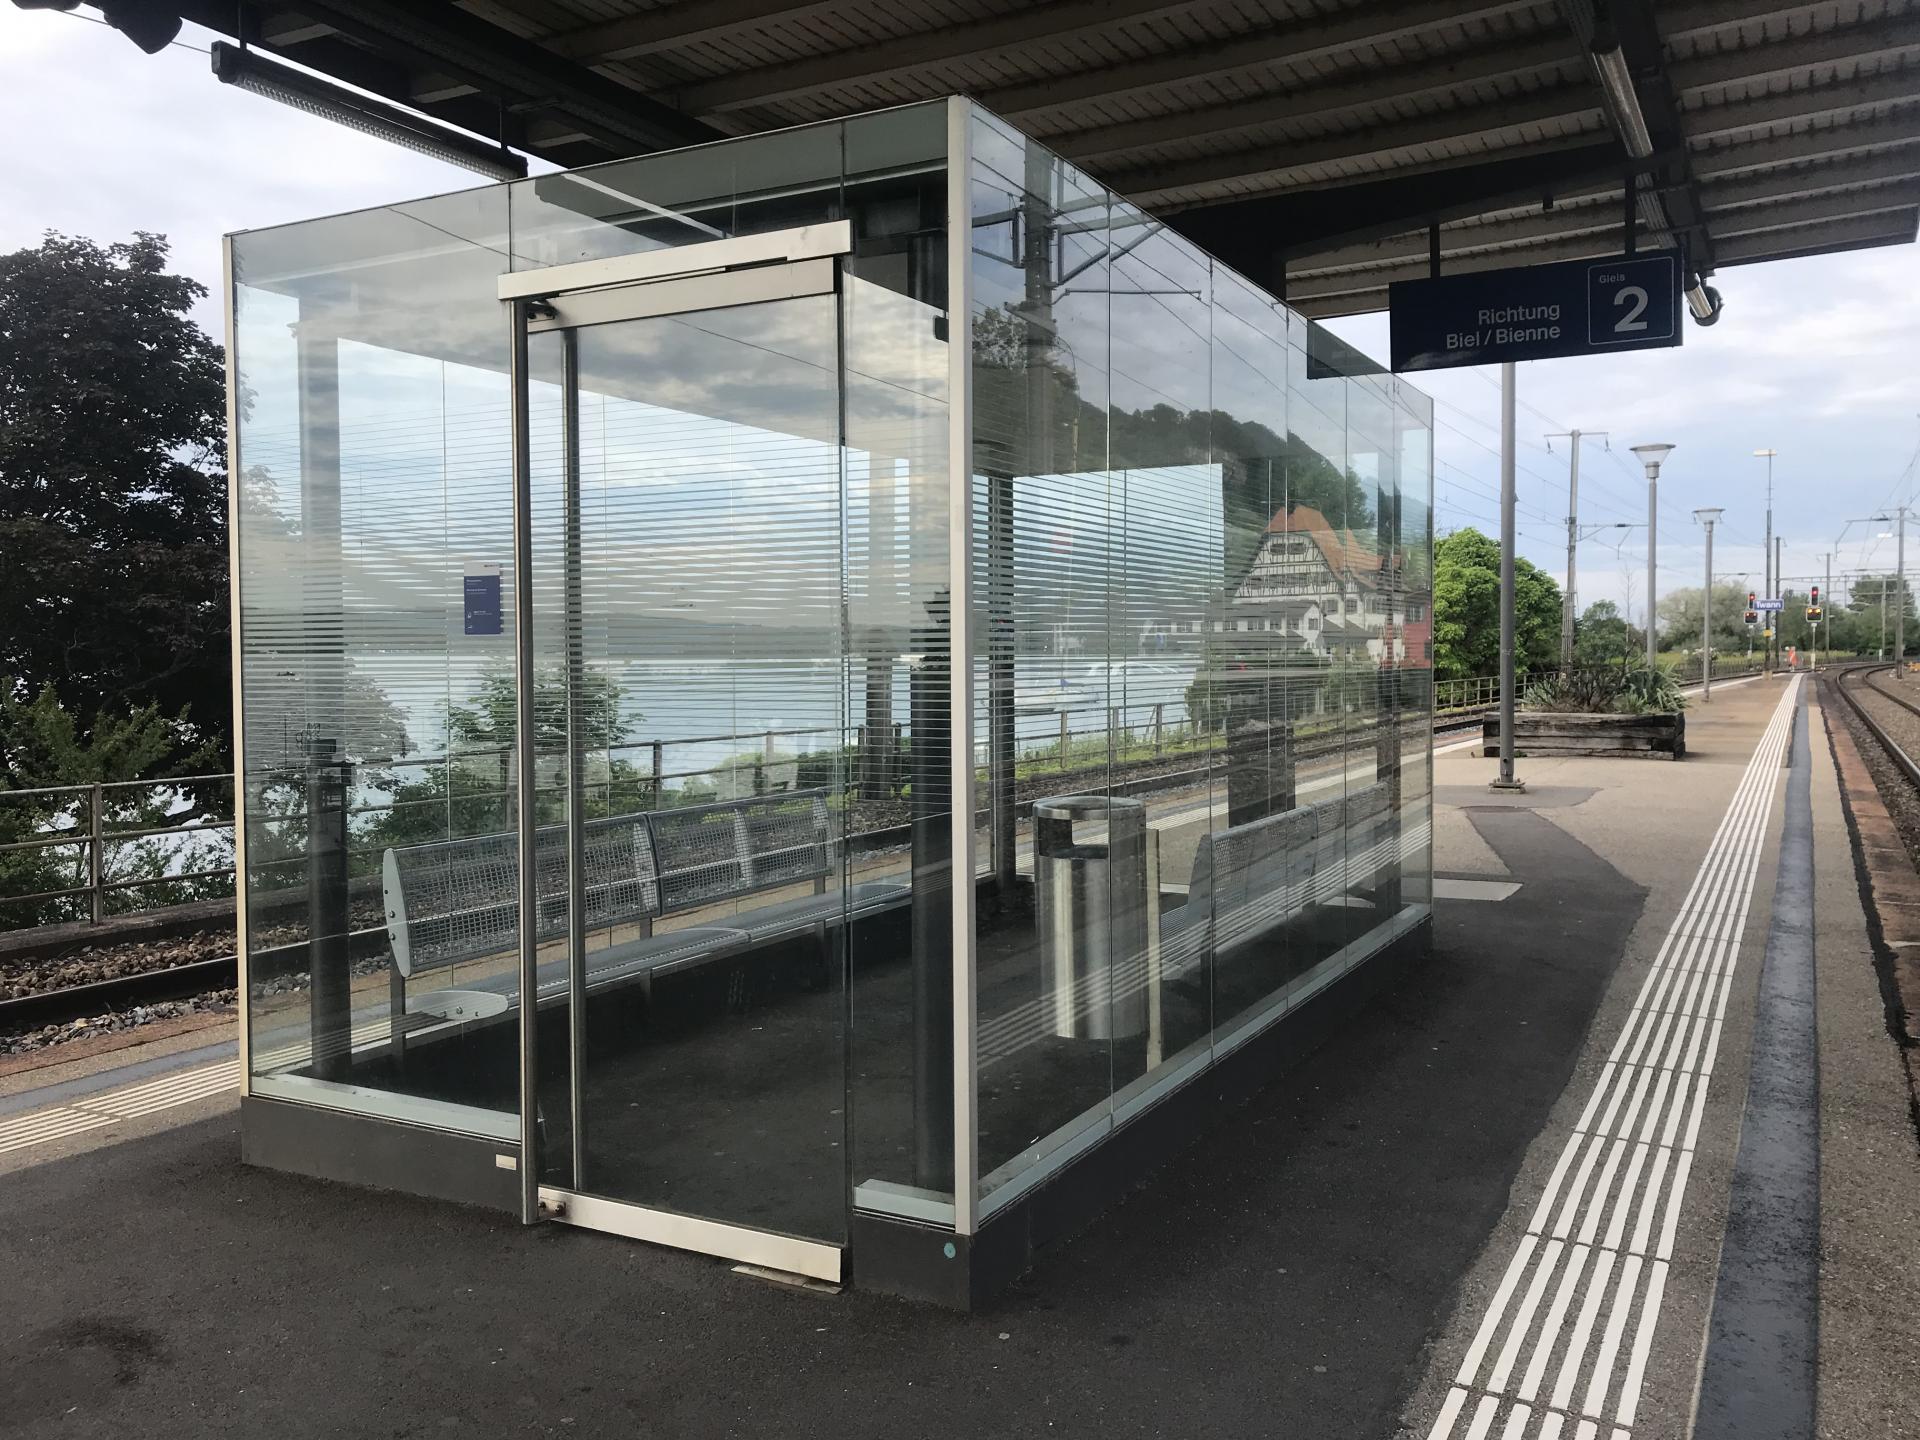 SBB-Wartehalle-4-3.jpg